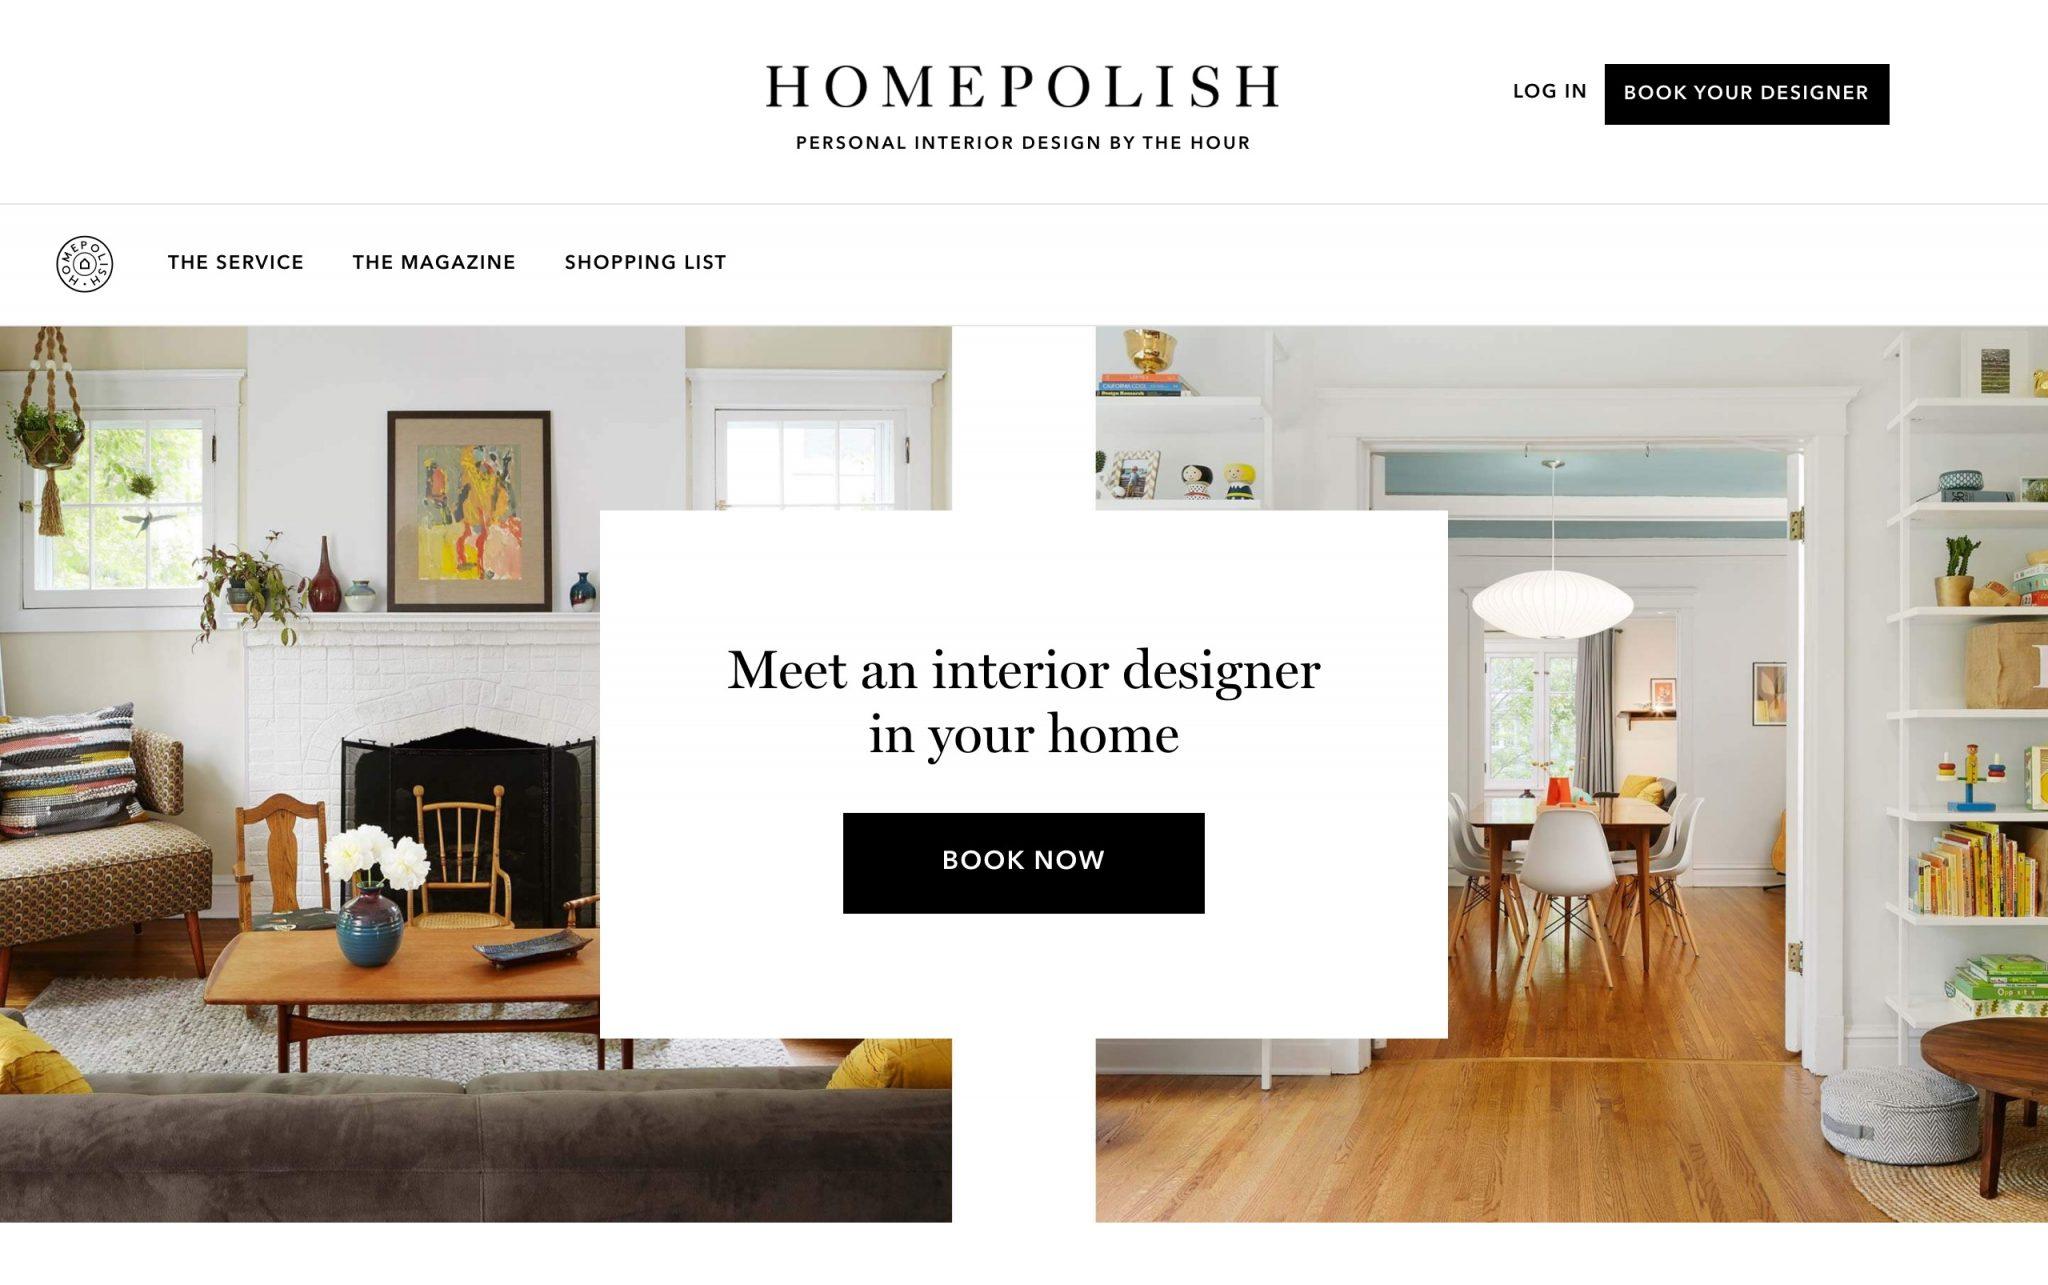 homepolish futuro del diseño de interior